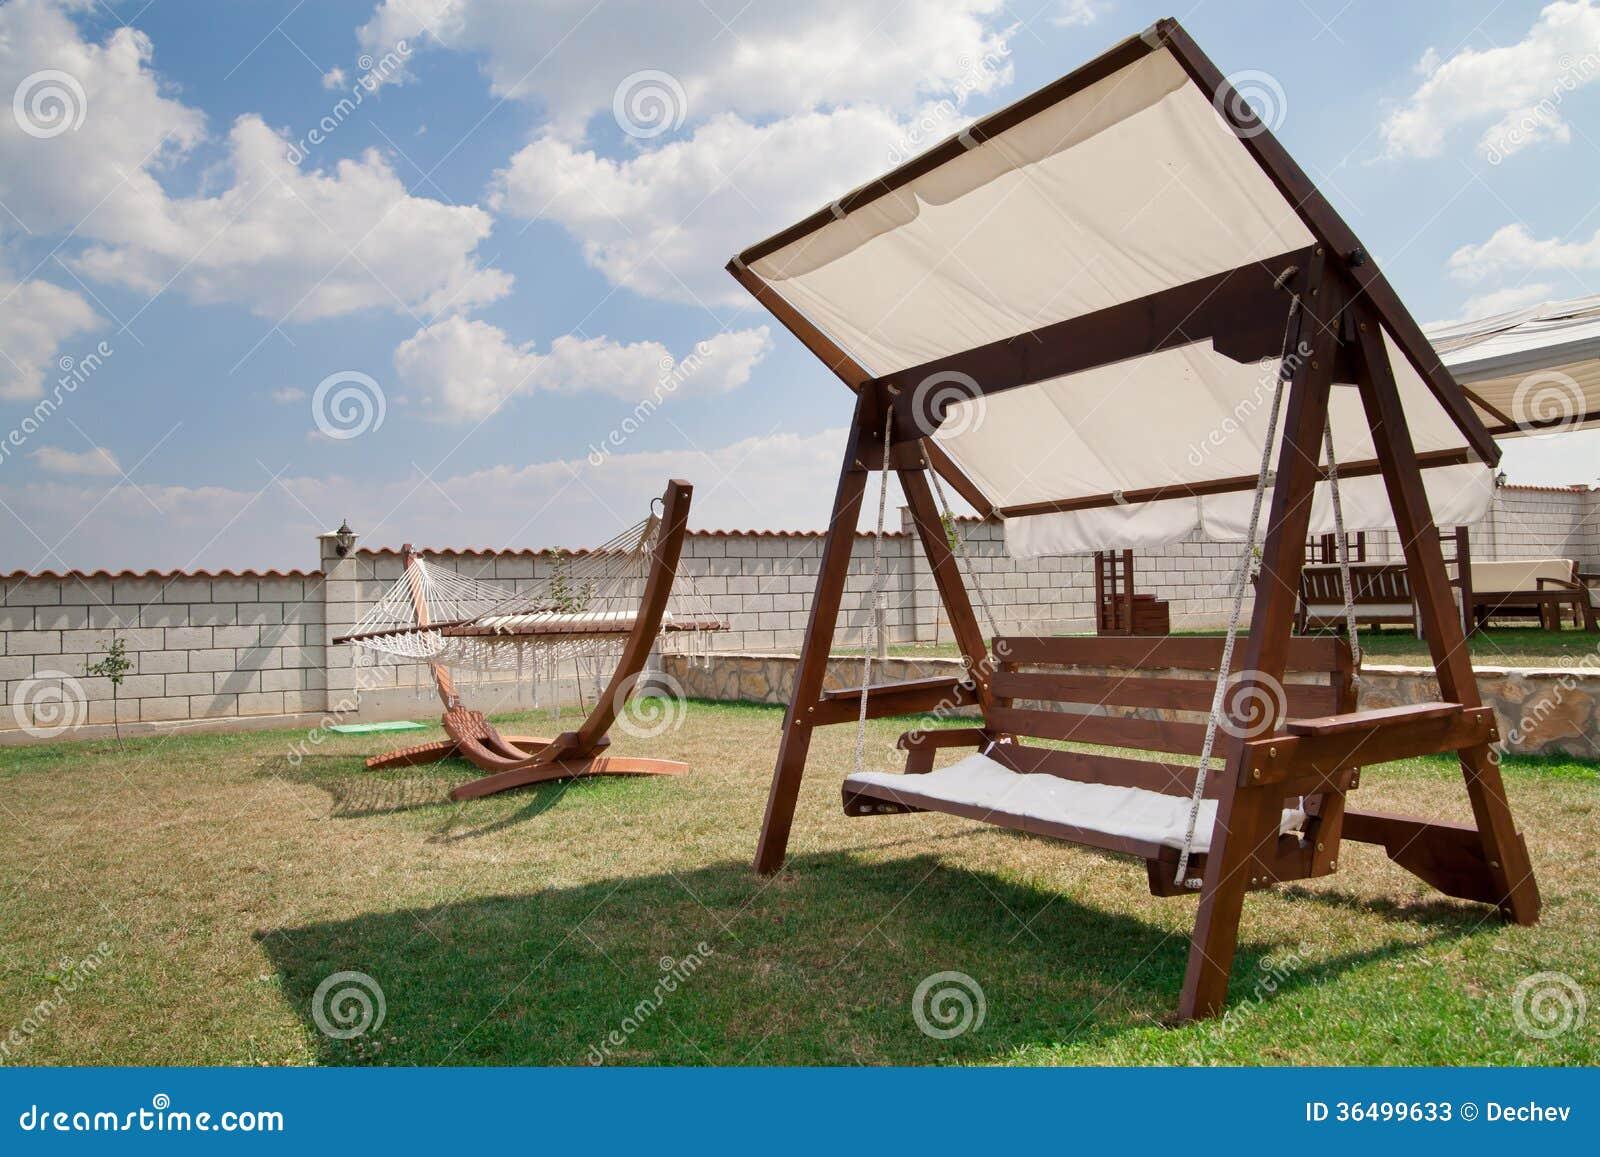 schwingbank und h ngematte im garten stockfotos bild 36499633. Black Bedroom Furniture Sets. Home Design Ideas